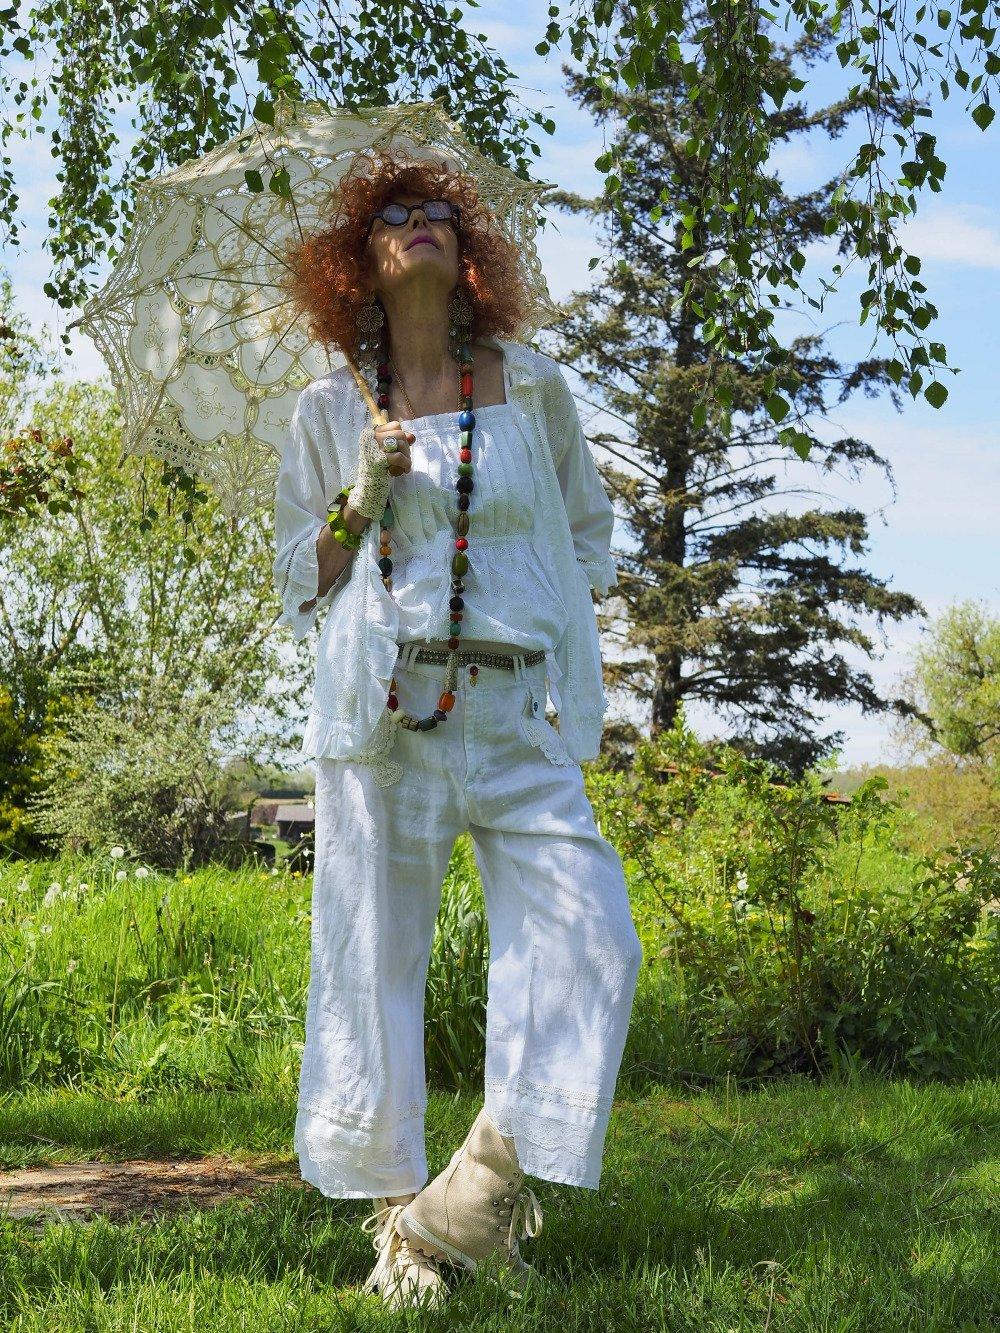 Ensemble trois pièces dentelle anglaise mode sabby chic Veste top court pantalon en lin coton dentelle style bohème vintage